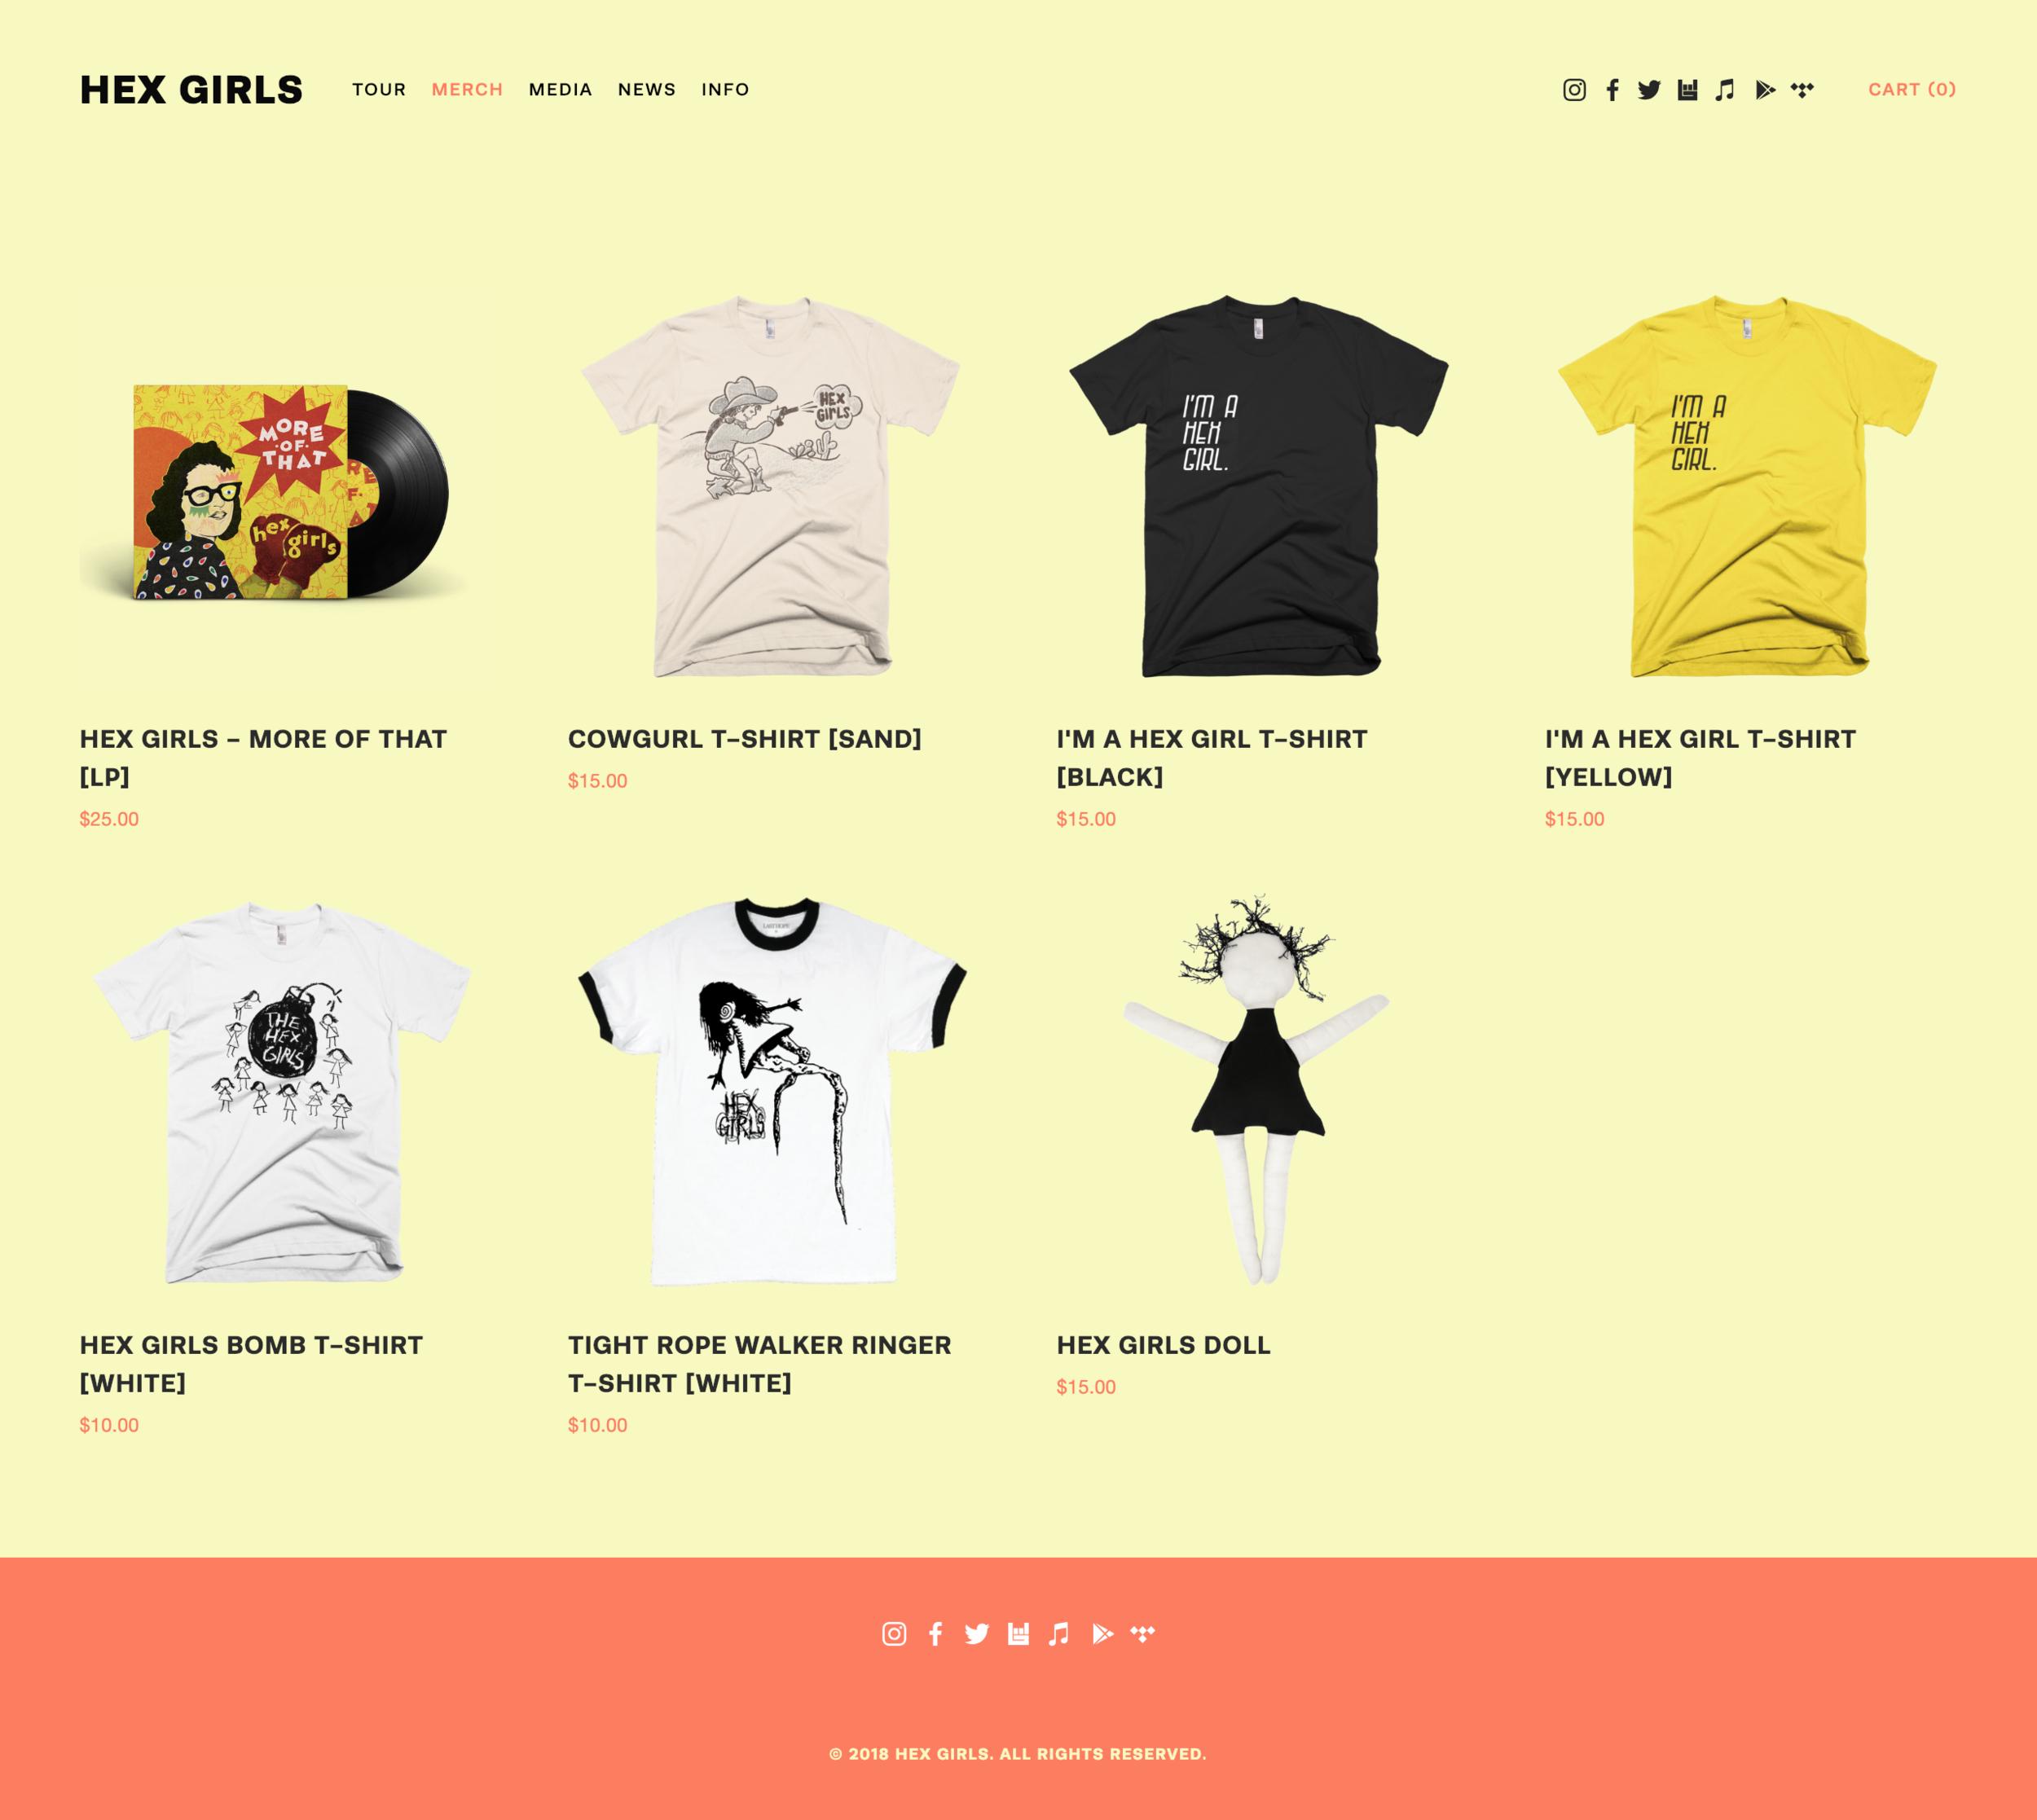 Hex Girls website merch store - Designed by Alyssa Leicht